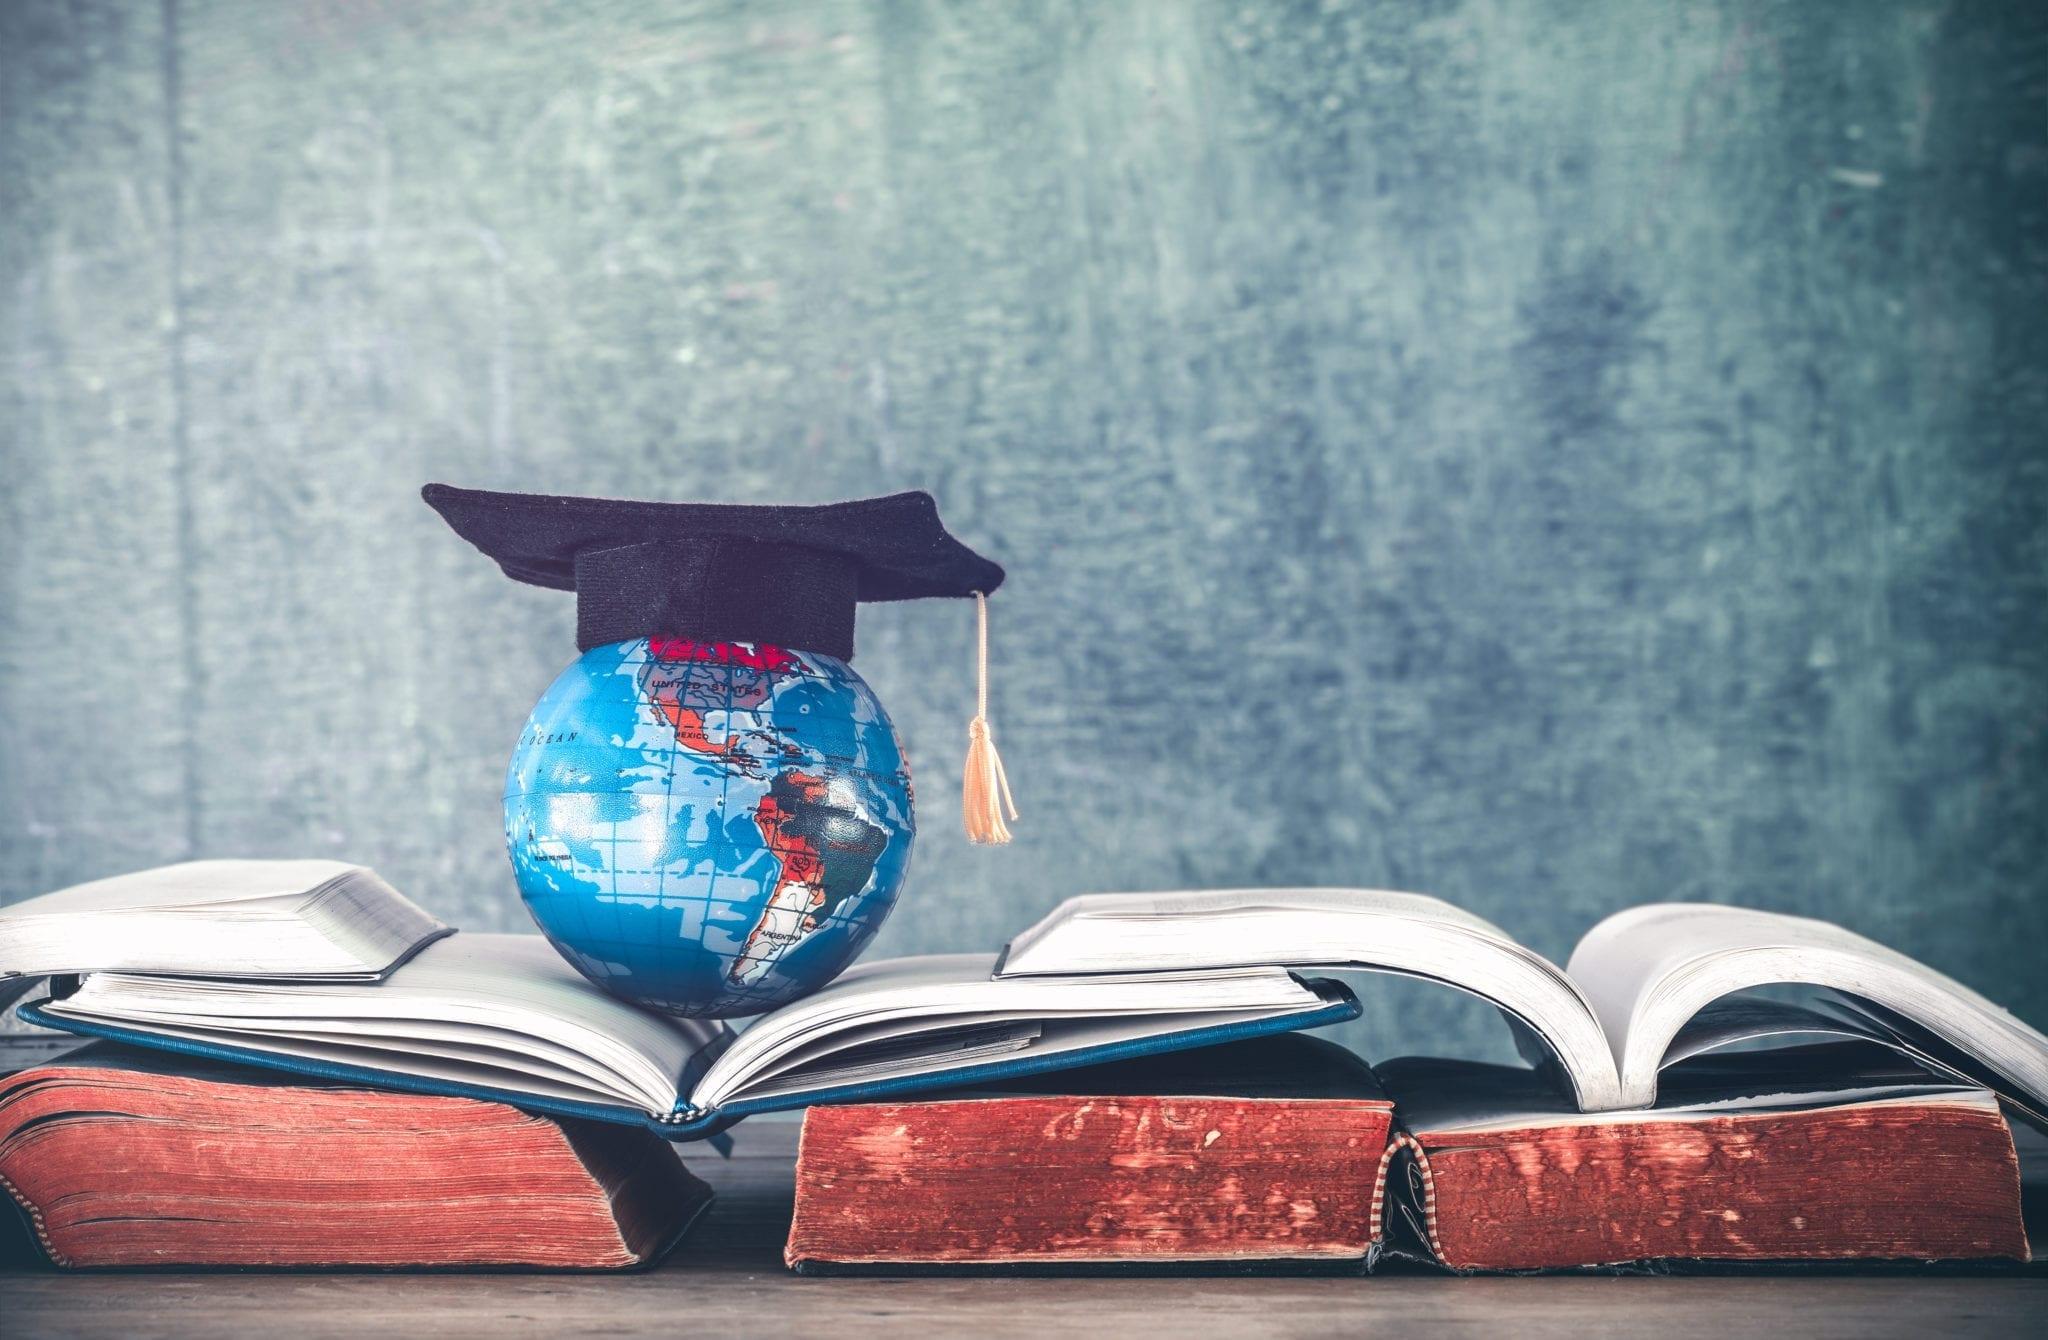 """< img src=""""Najlepsze-uczelnie-na-świecie.jpg"""" alt=""""Graduation cap with Earth globe model map on book stack. education concept."""">"""